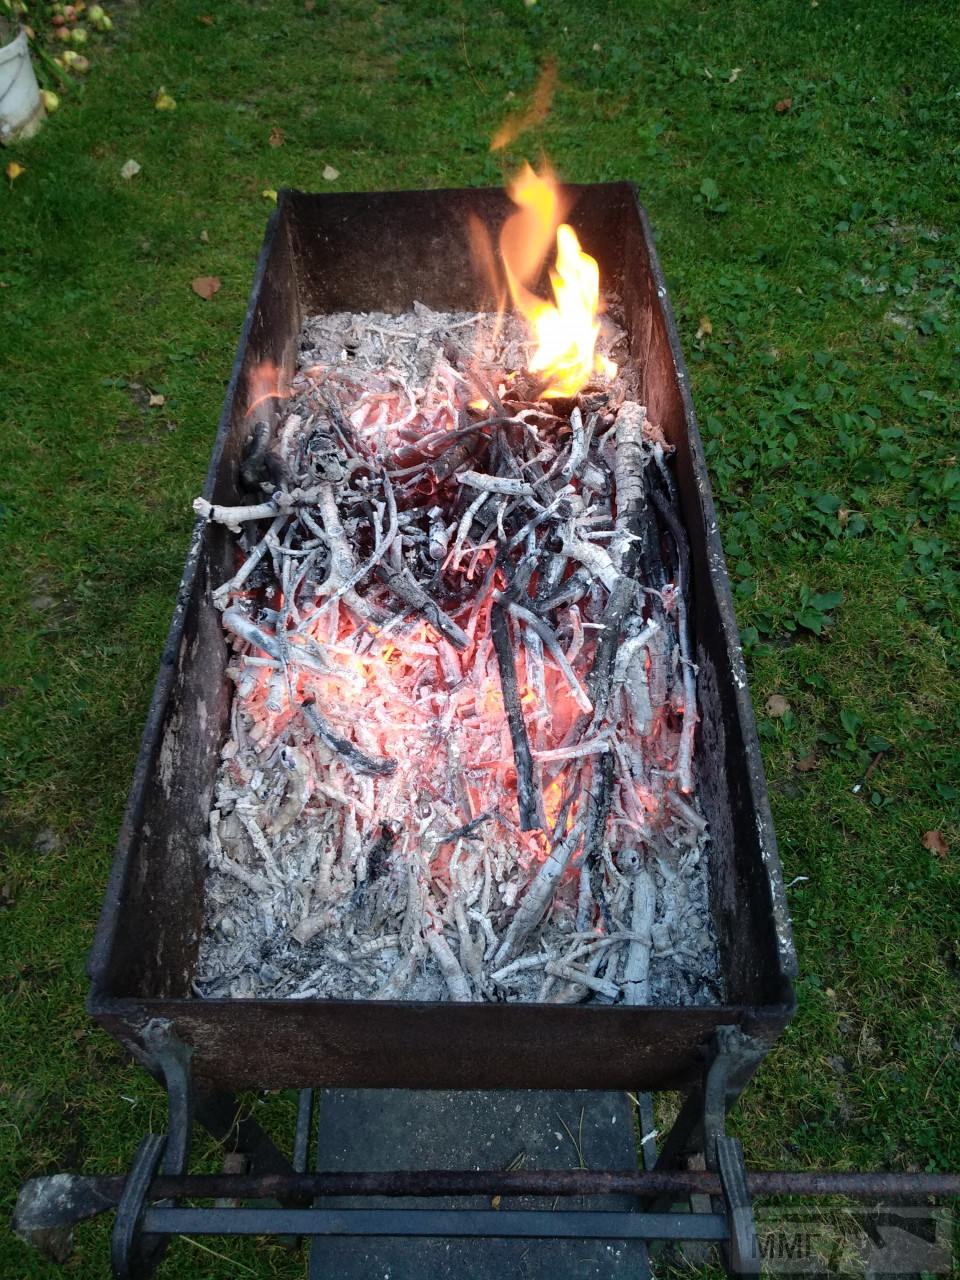 109108 - Закуски на огне (мангал, барбекю и т.д.) и кулинария вообще. Советы и рецепты.